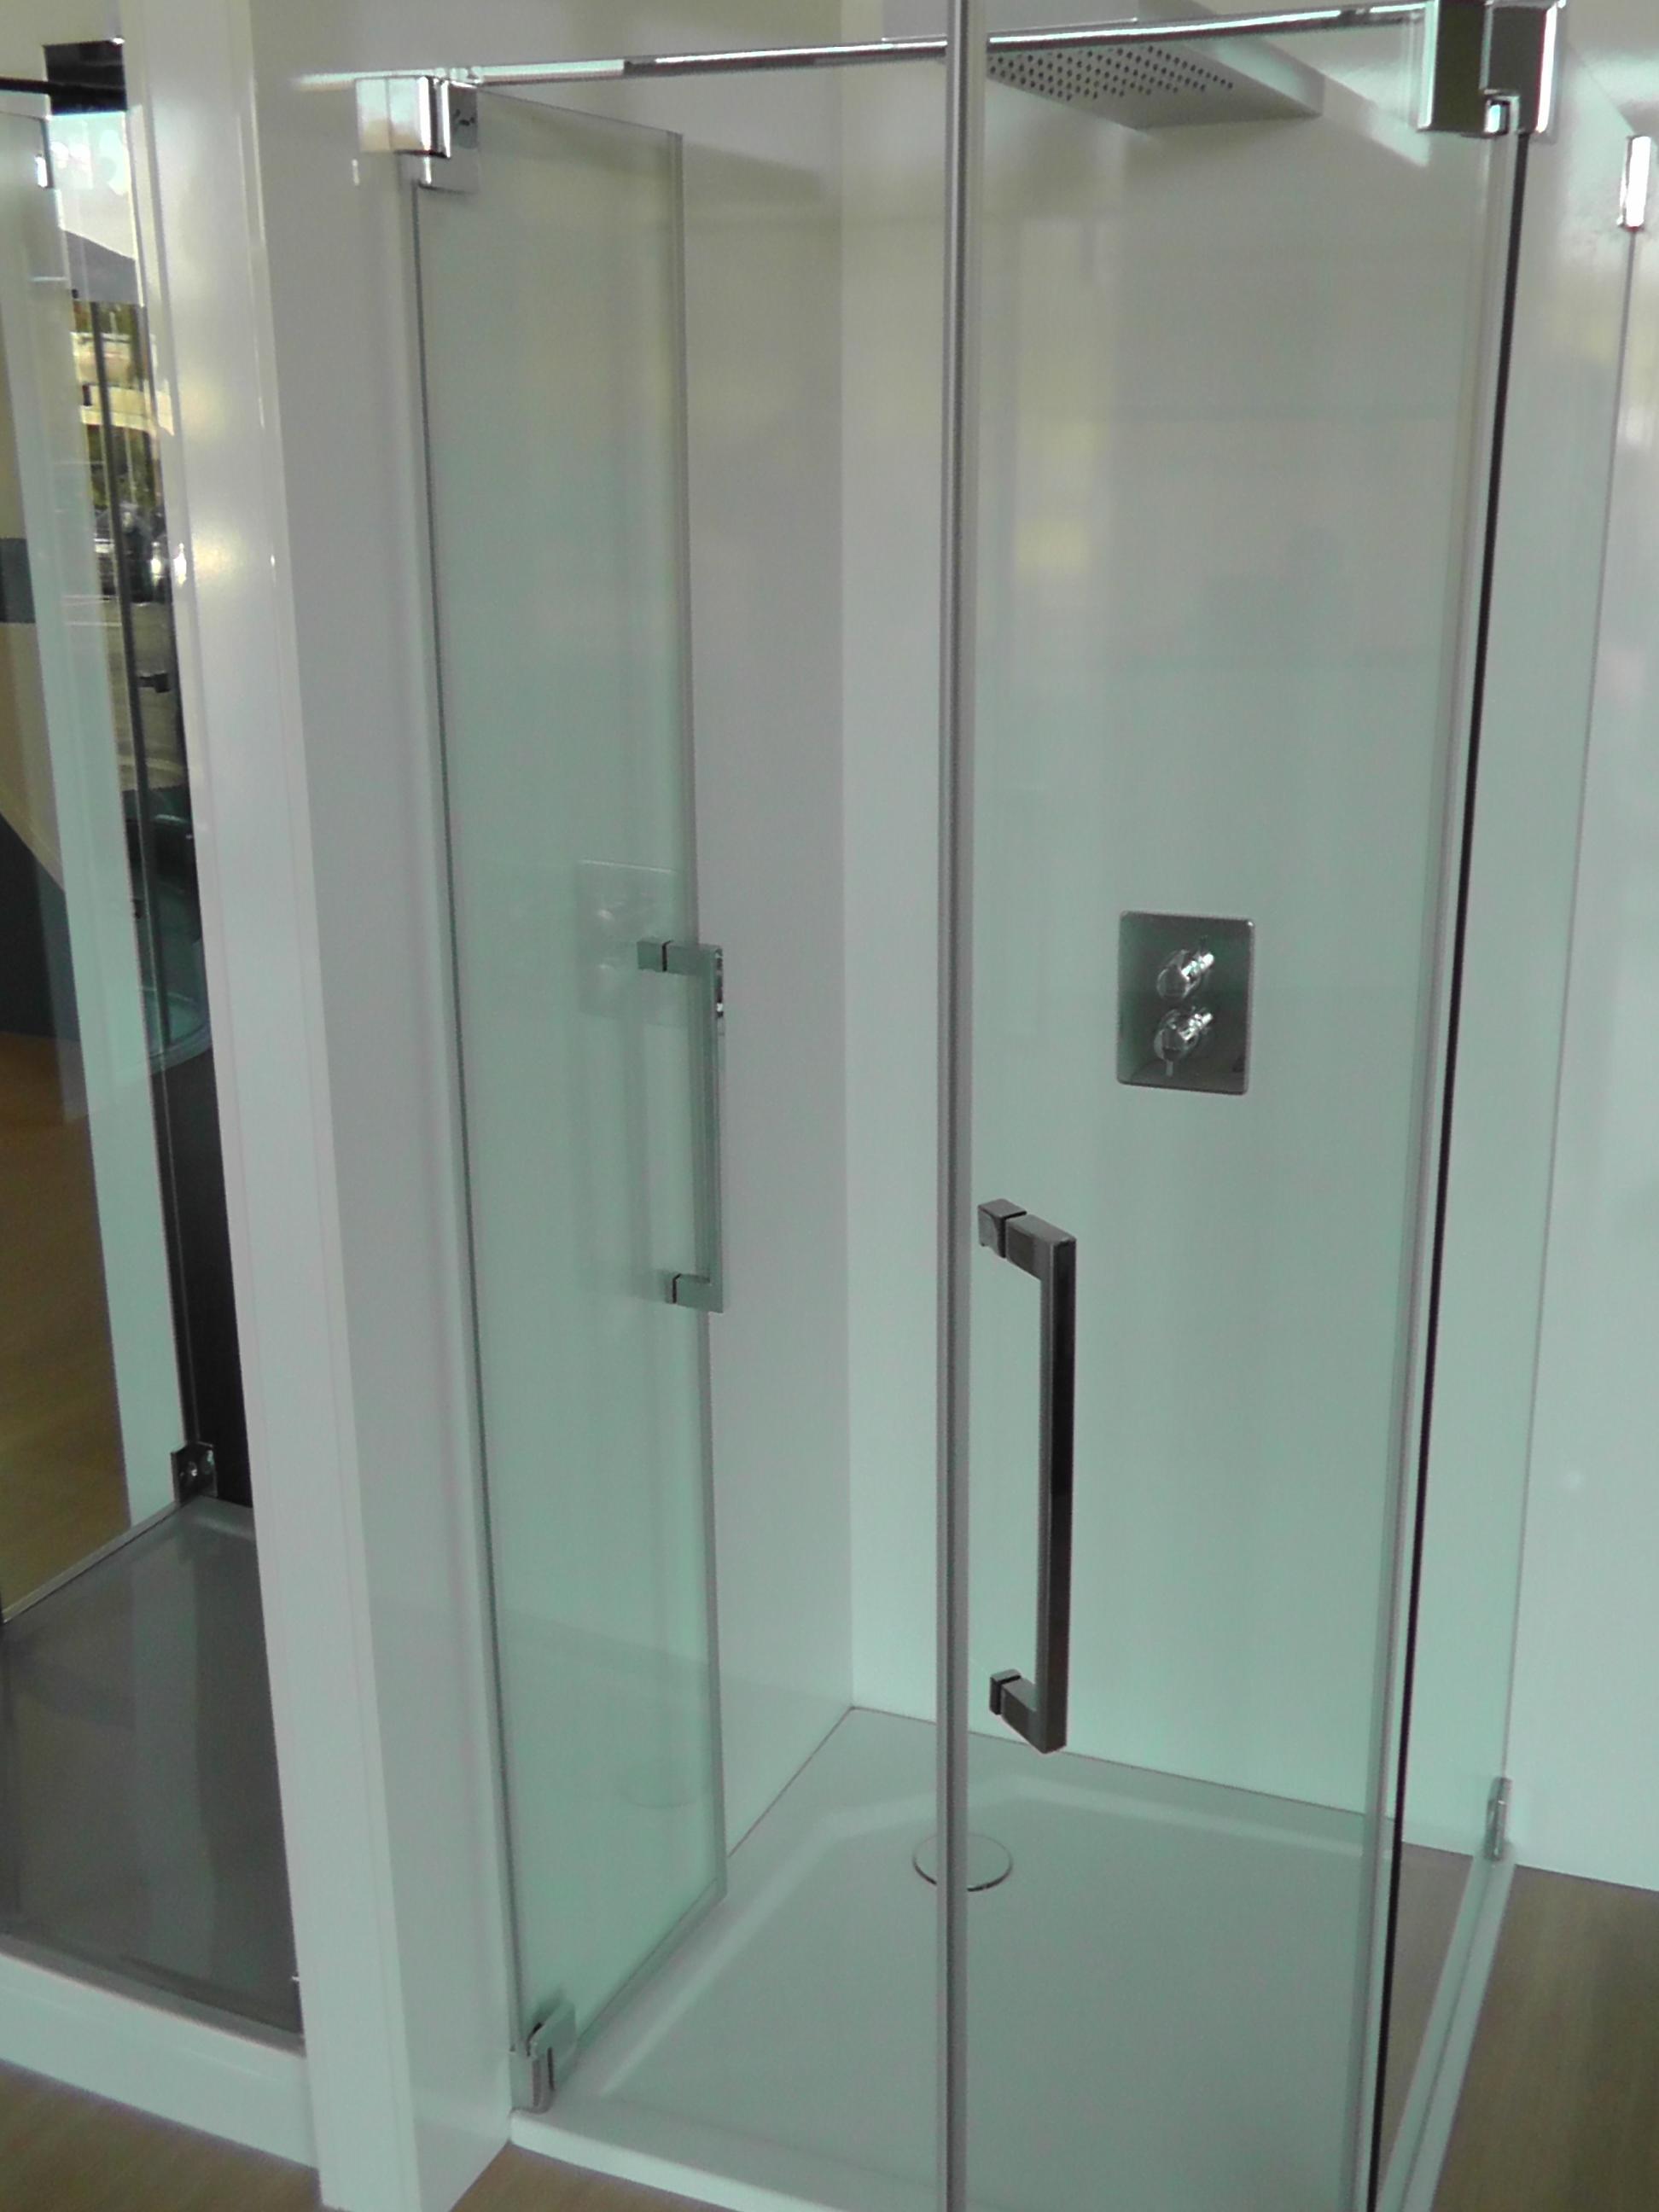 hsk duschkabinen shop k2 arcom center. Black Bedroom Furniture Sets. Home Design Ideas